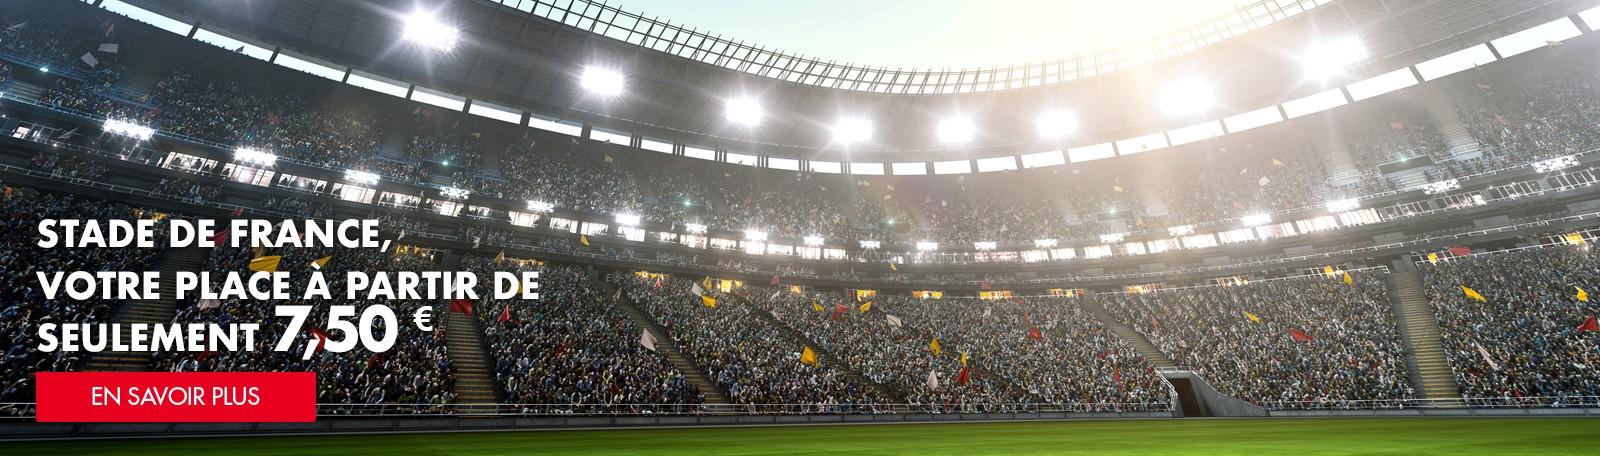 Match Stade de France